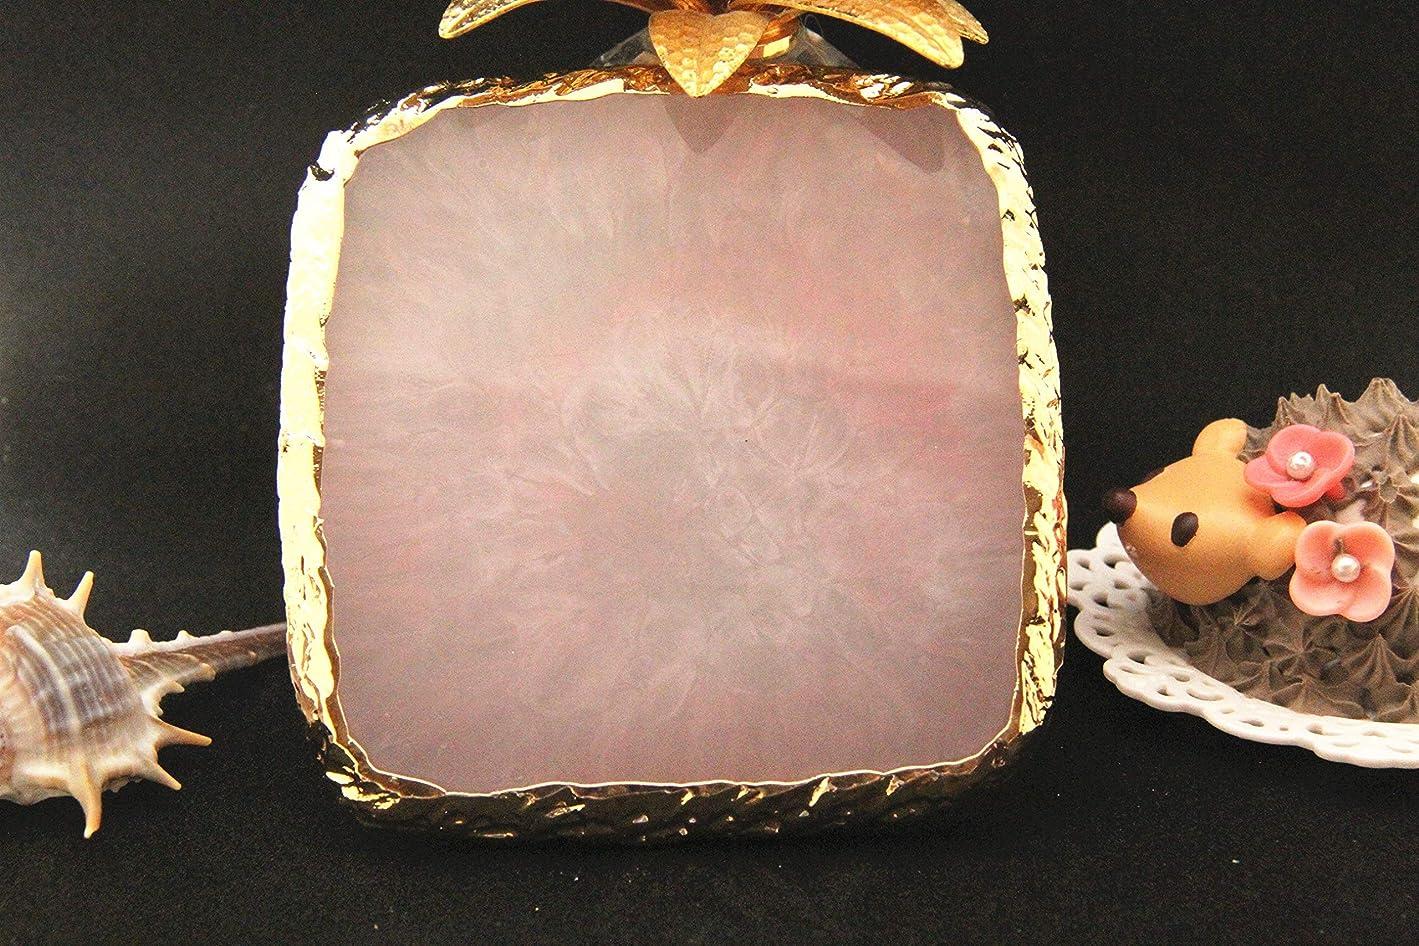 バランスヤング着実に003613Glitter Powderジェルネイル 方形 ネイル ジェルネイル パレット プレート ディスプレイ 天然石風 展示用 アゲートプレート デコ アクセサリー ジェルネイル (方形) (ピンク)